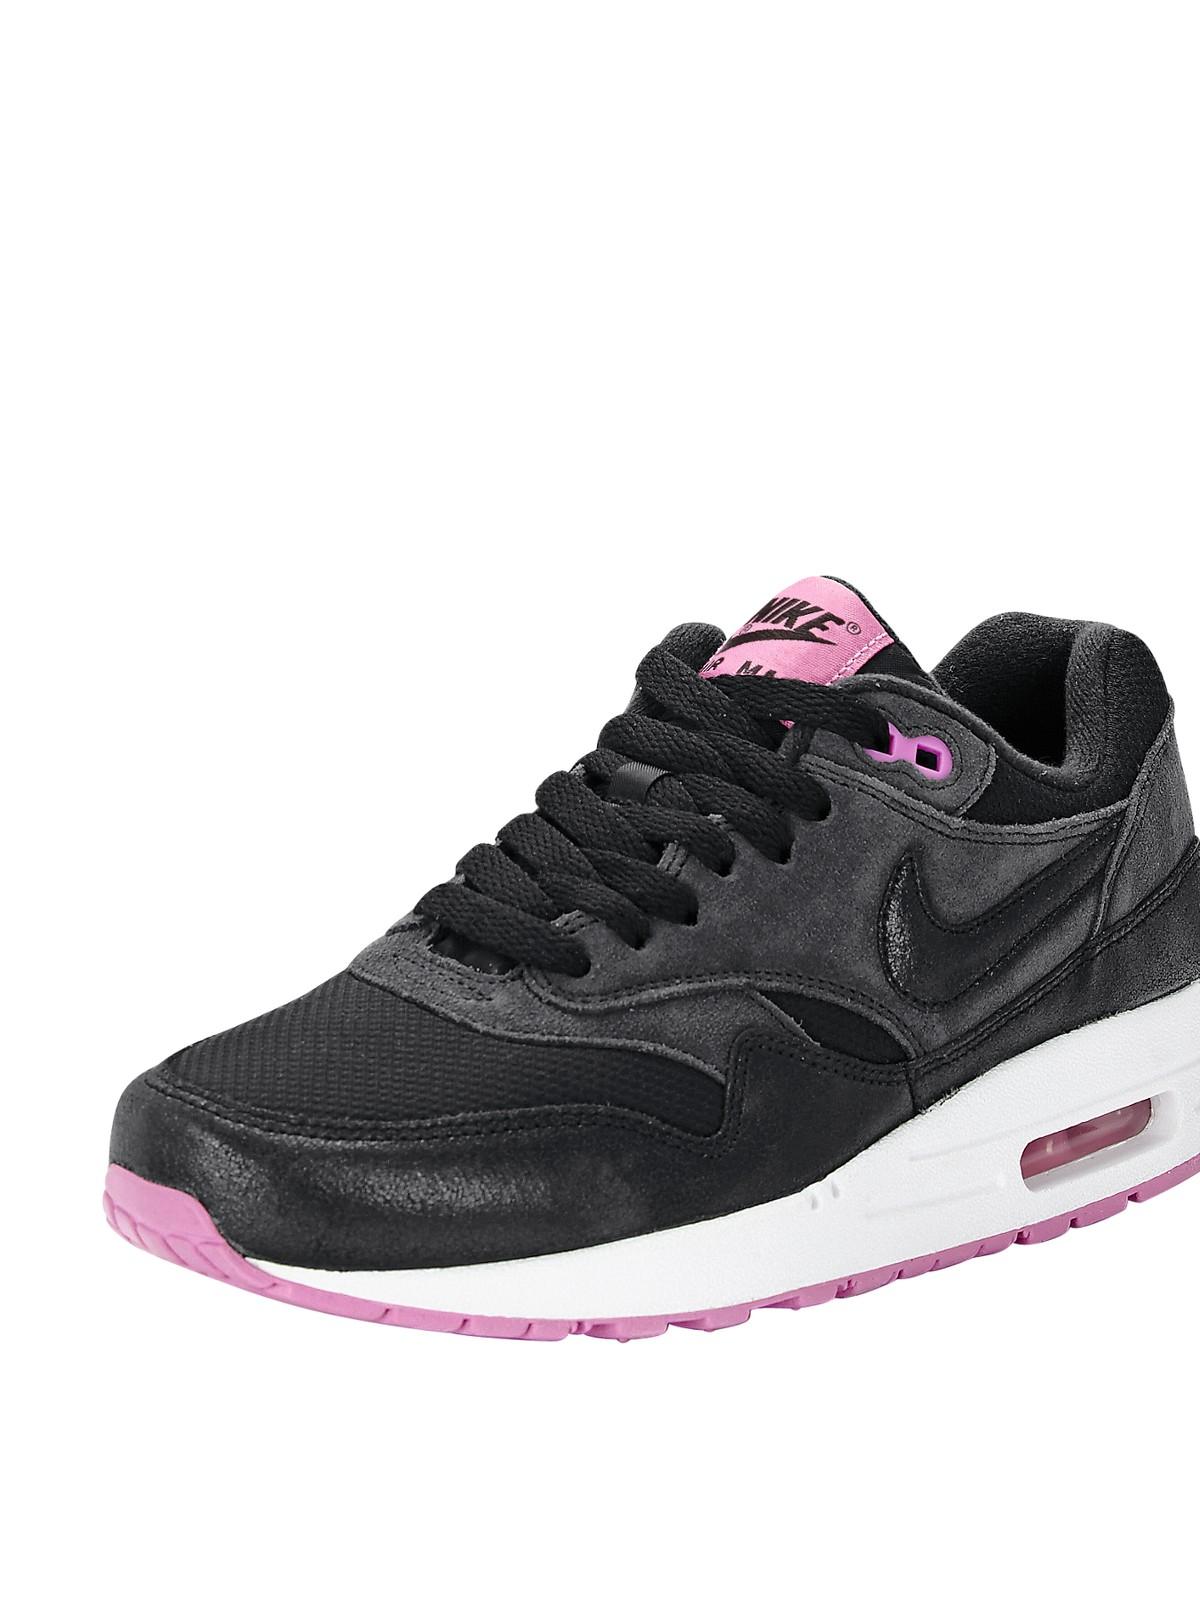 Nike Schwarz Rosa